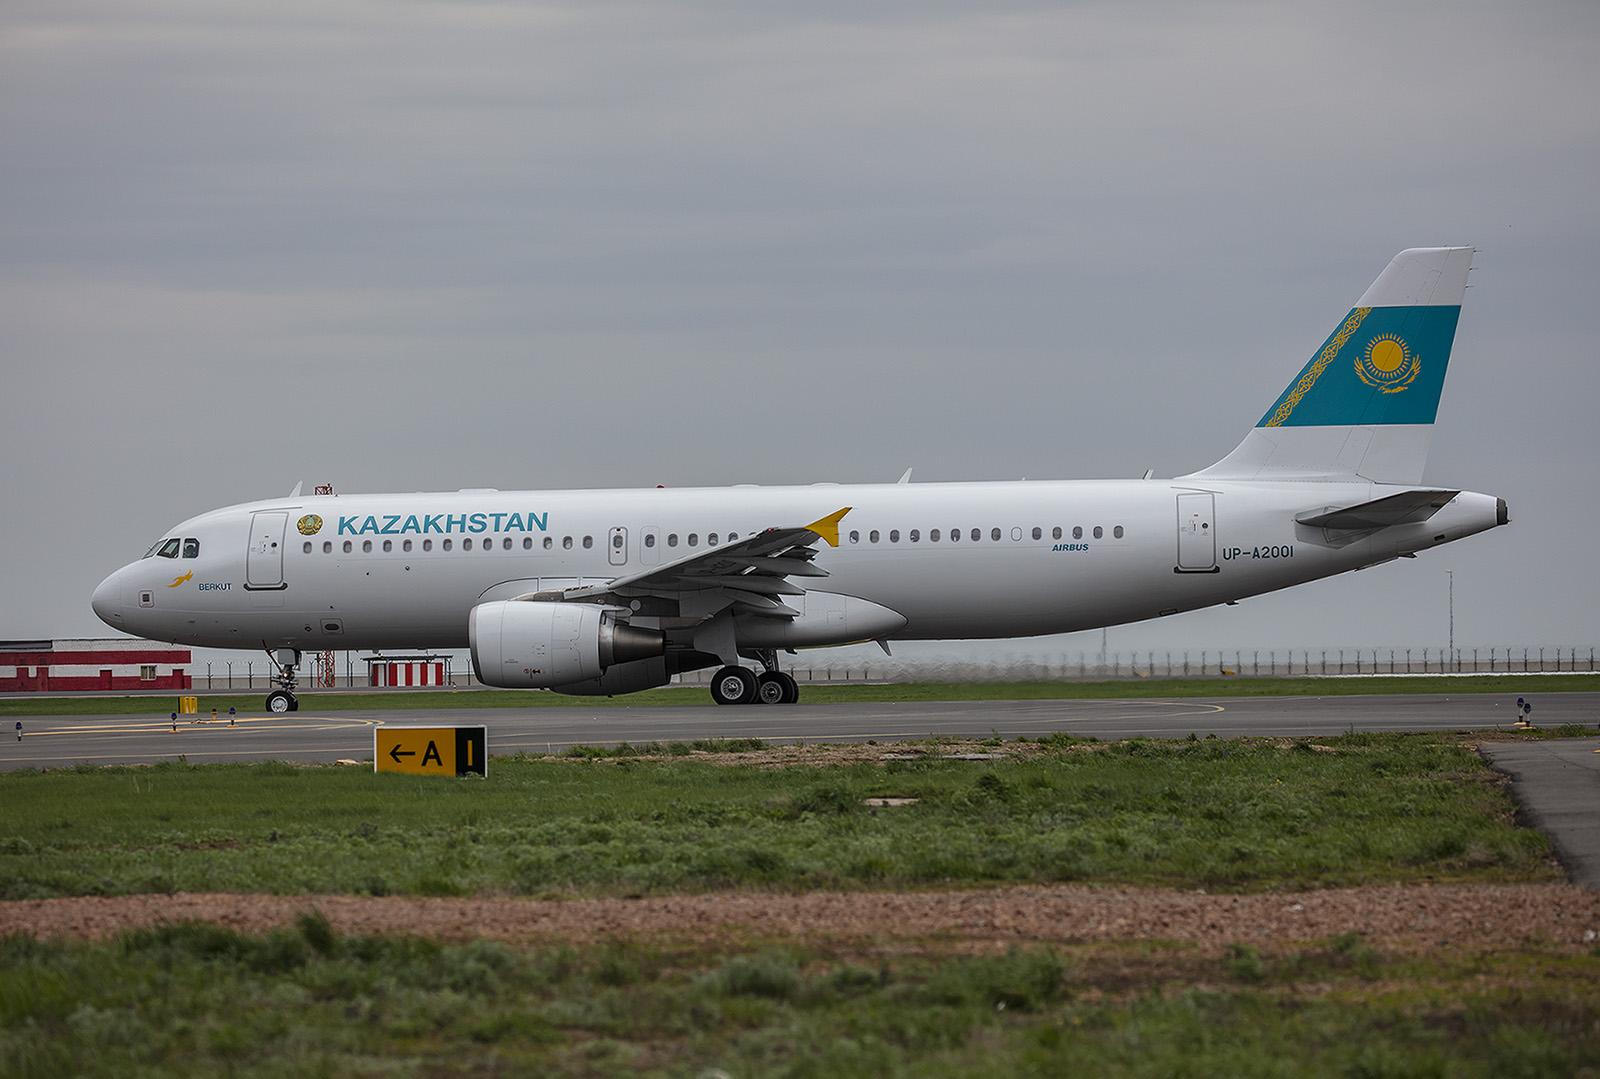 Wie schon die A330 wird die A320 der Regietungsflotte von Berkut betrieben.